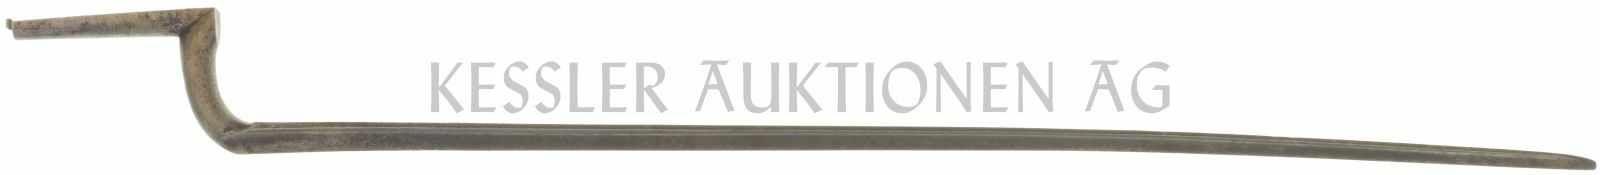 Dreikant-Stichbajonett zu Feldstutzer 1851 Blanke Klinge, halbrundförmige Aufnahme für Laufhülse.